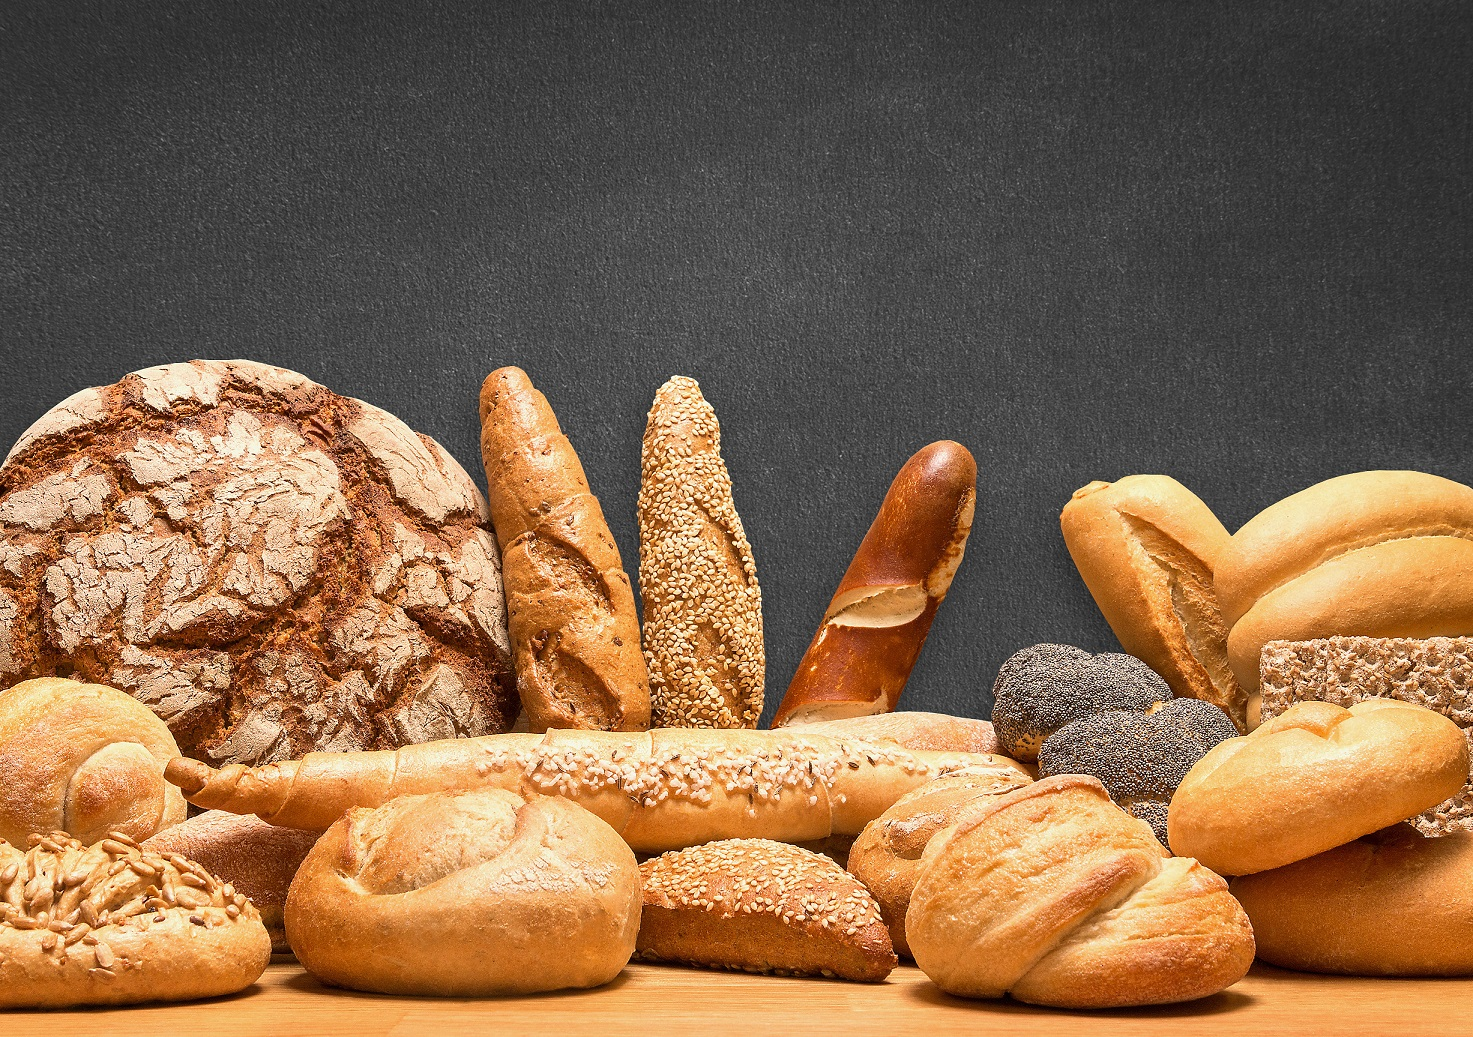 Ernährung: Weißmehl-Konsum und das Risiko für Herzkrankheiten - Heilpraxisnet.de